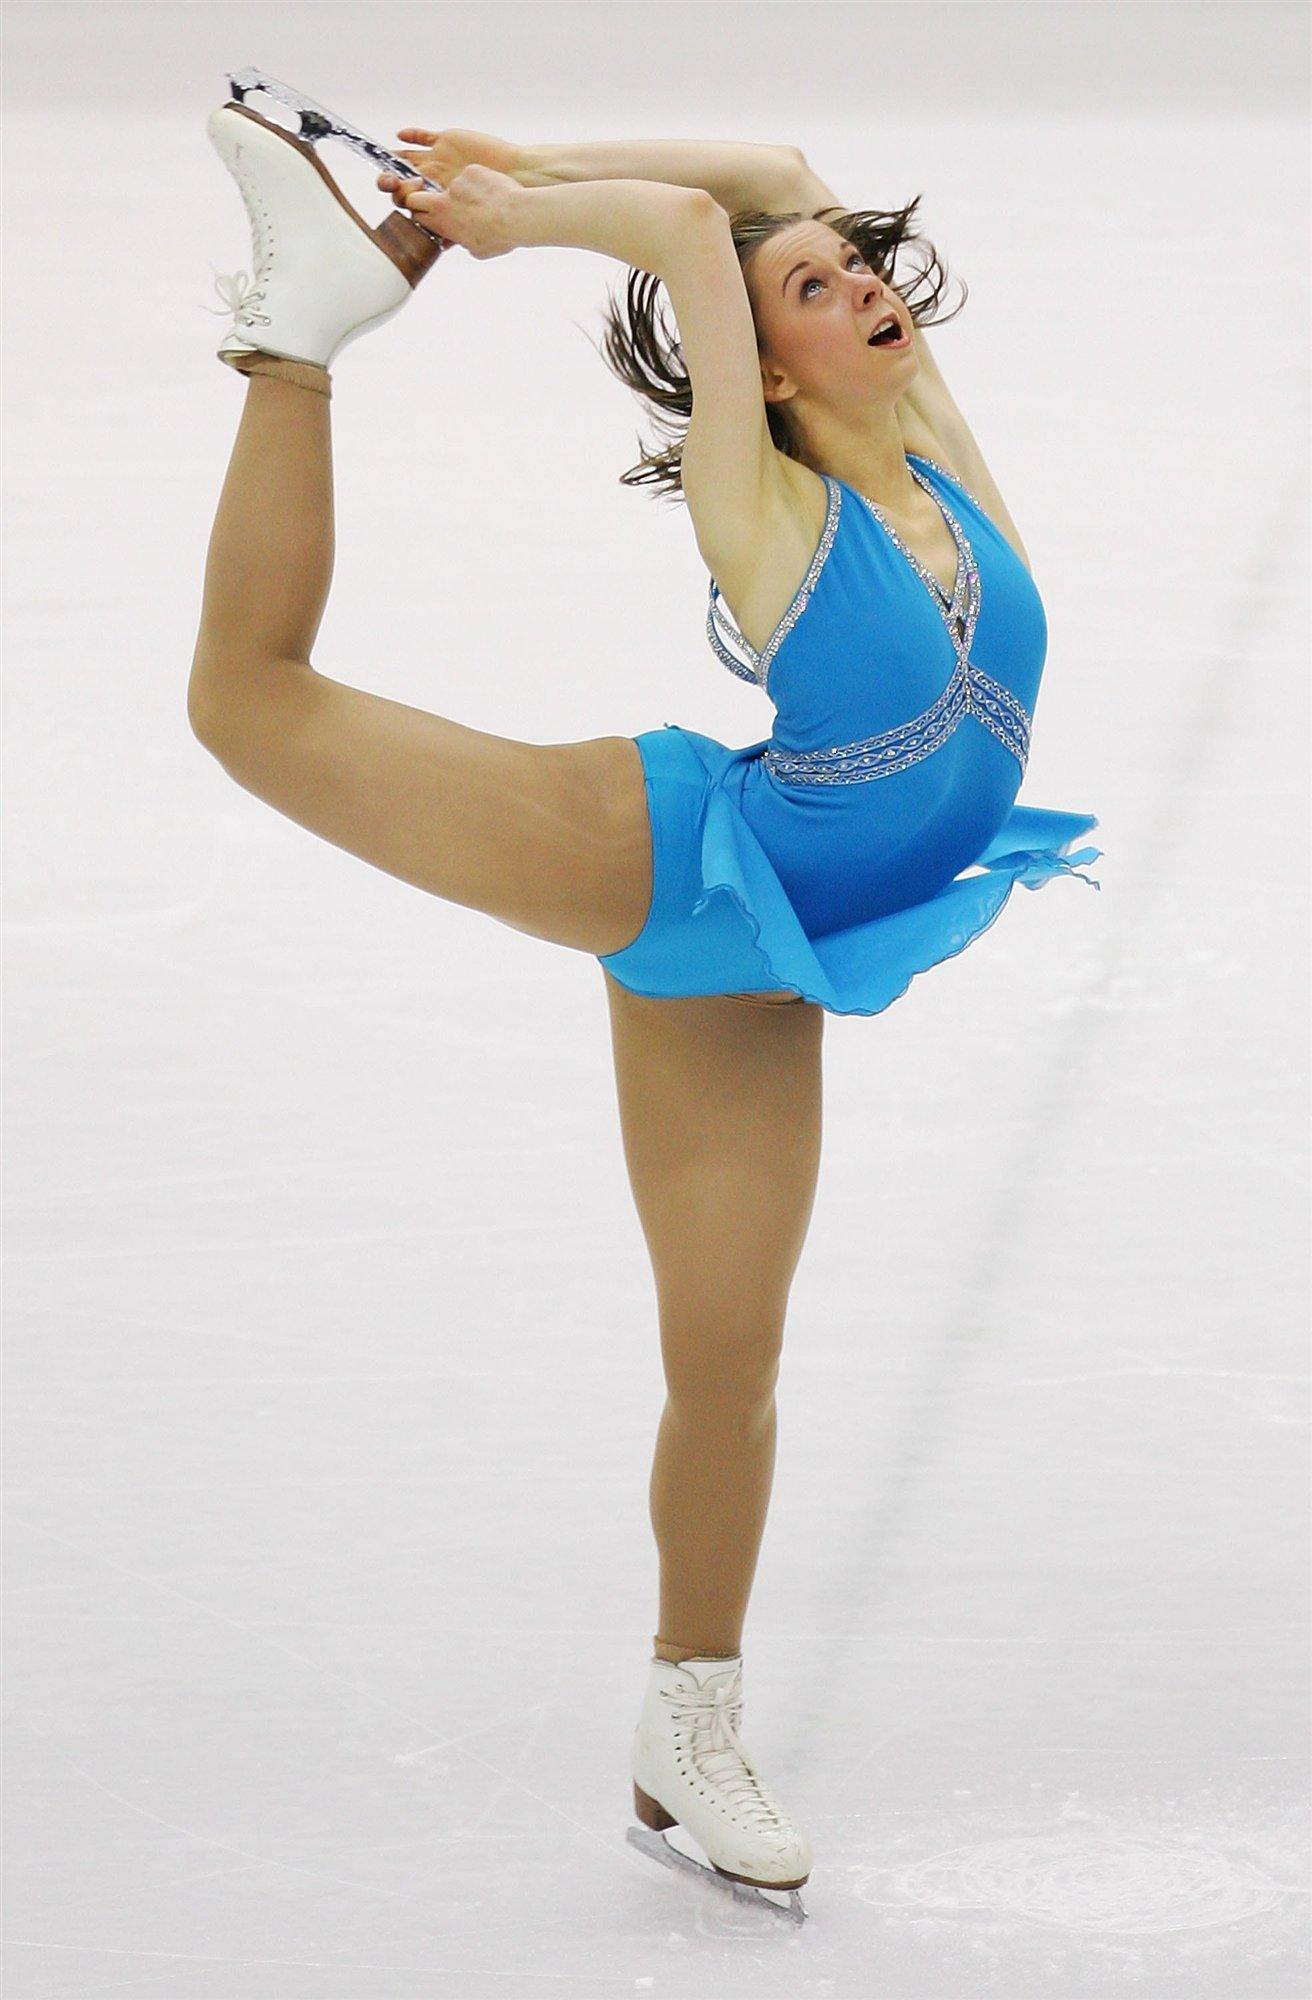 Emily Hughes